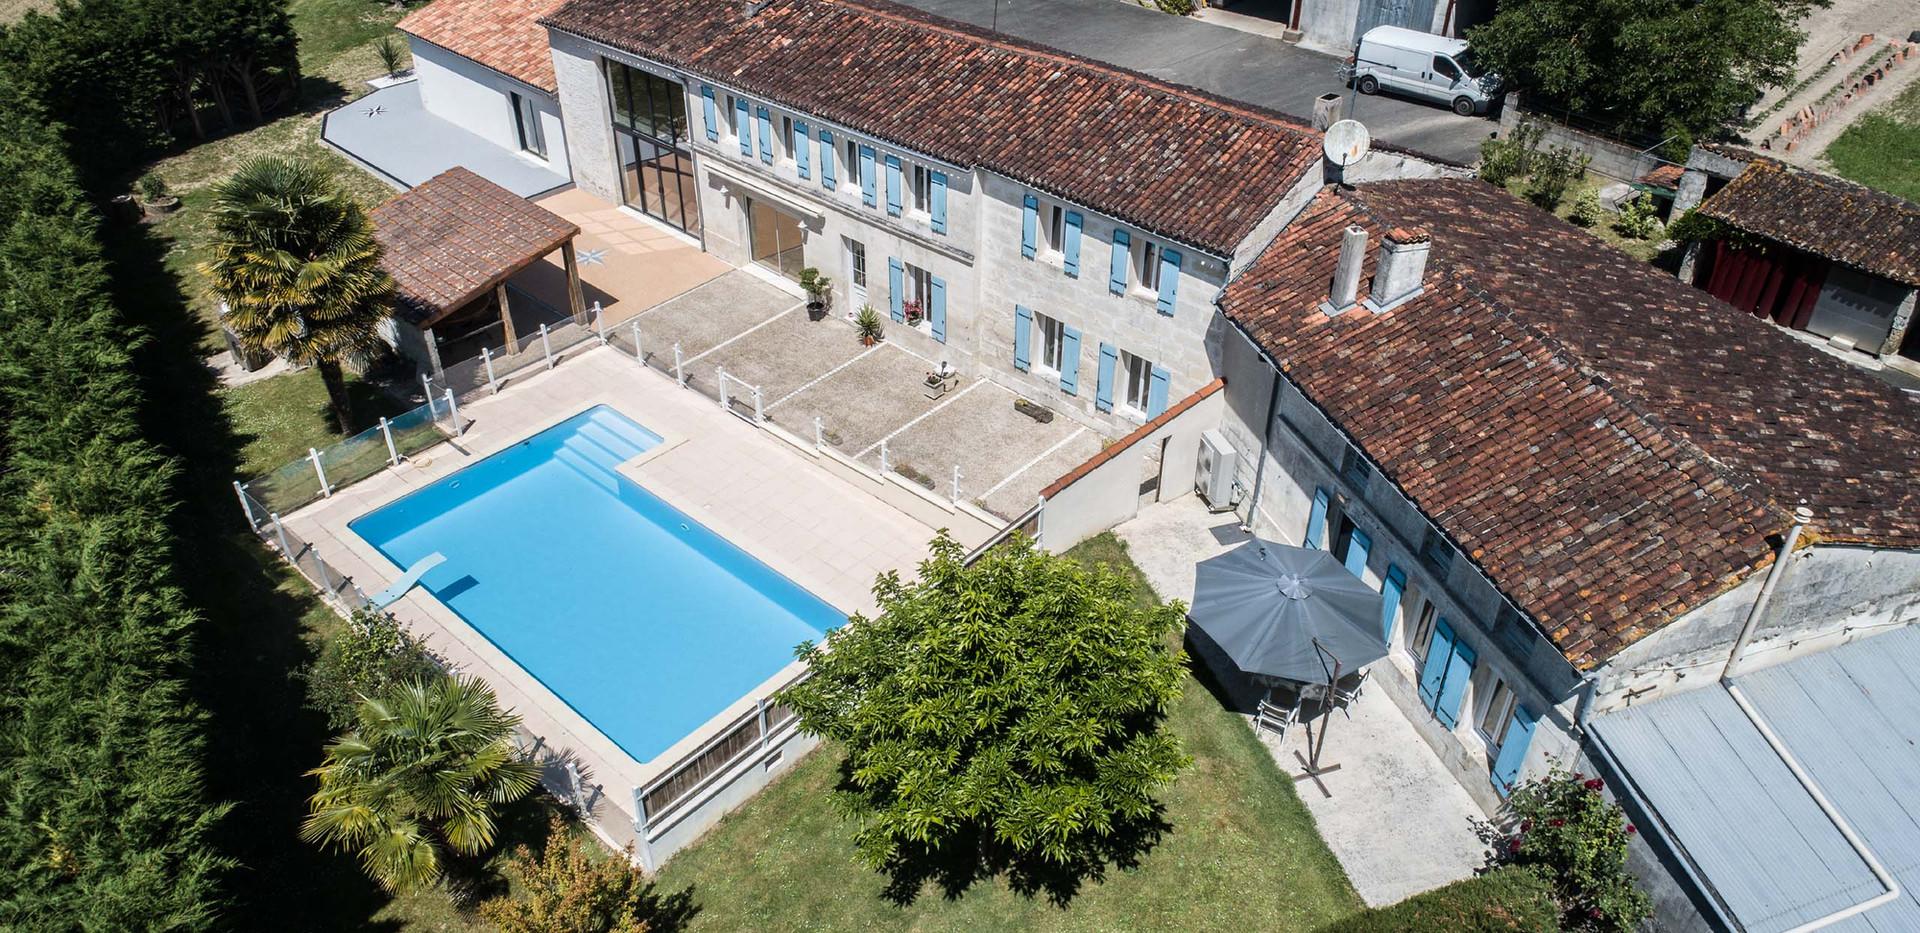 chambres d'hôtes à Saintes avec piscine